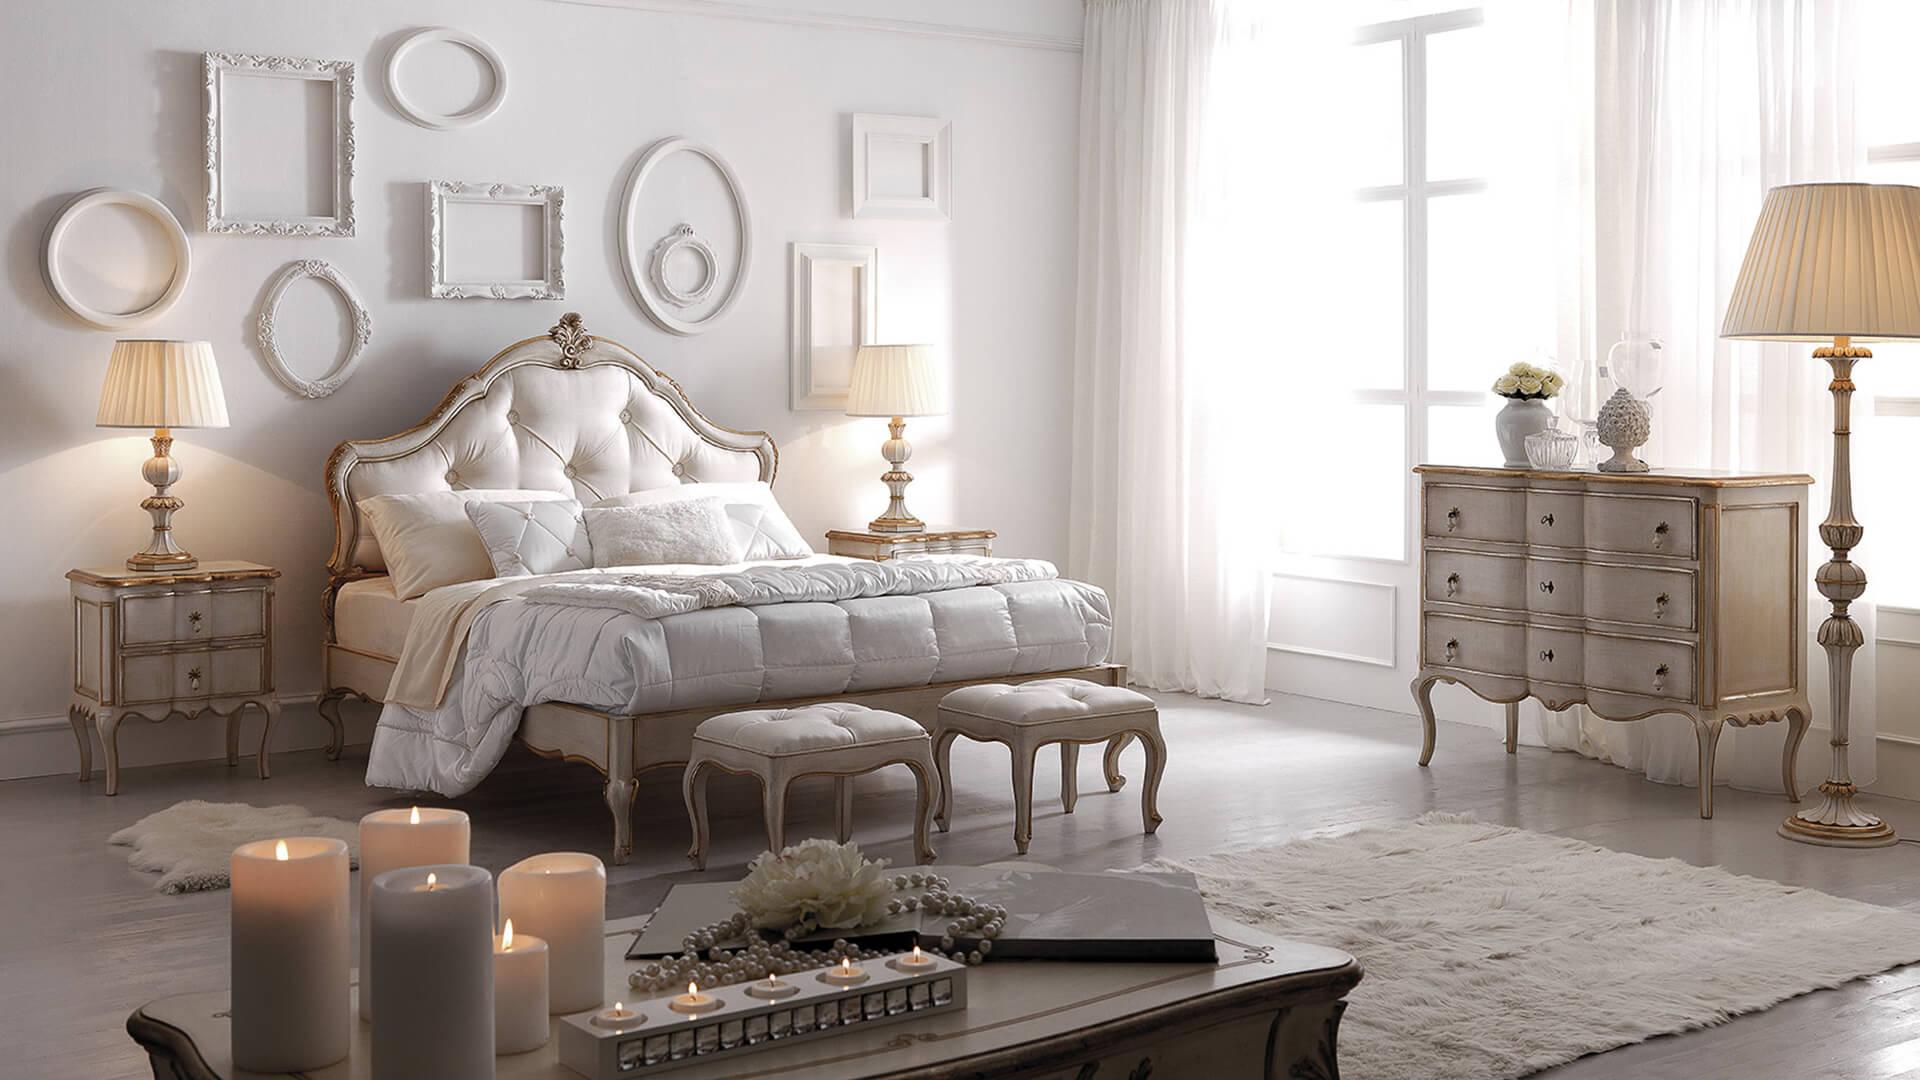 鄉村風格家具設計 Chelsea 臨坊國際家具 床架推薦